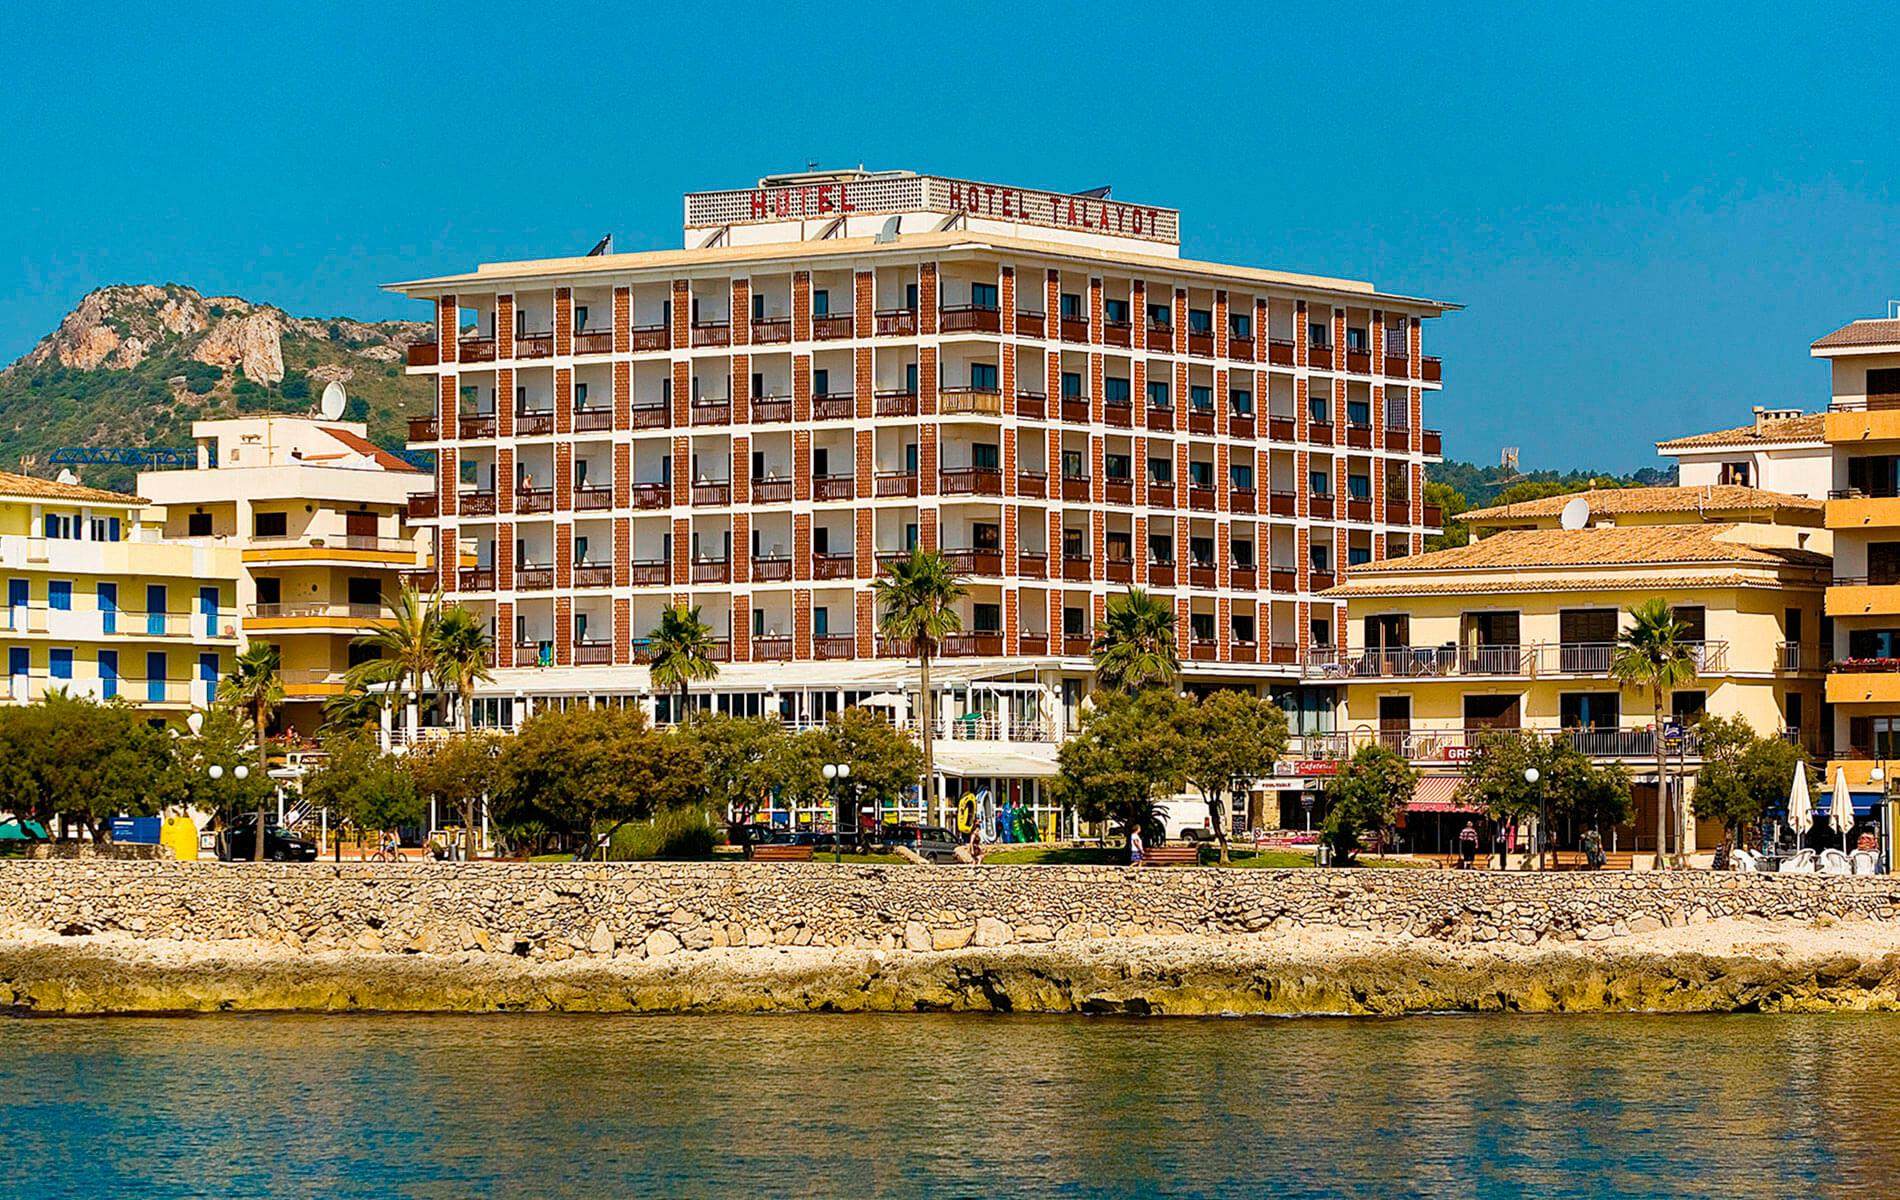 SENATOR HOTELS & RESORTS ABRE EL CALEIA TALAYOT SPA HOTEL TRAS UNA IMPORTANTE REFORMA